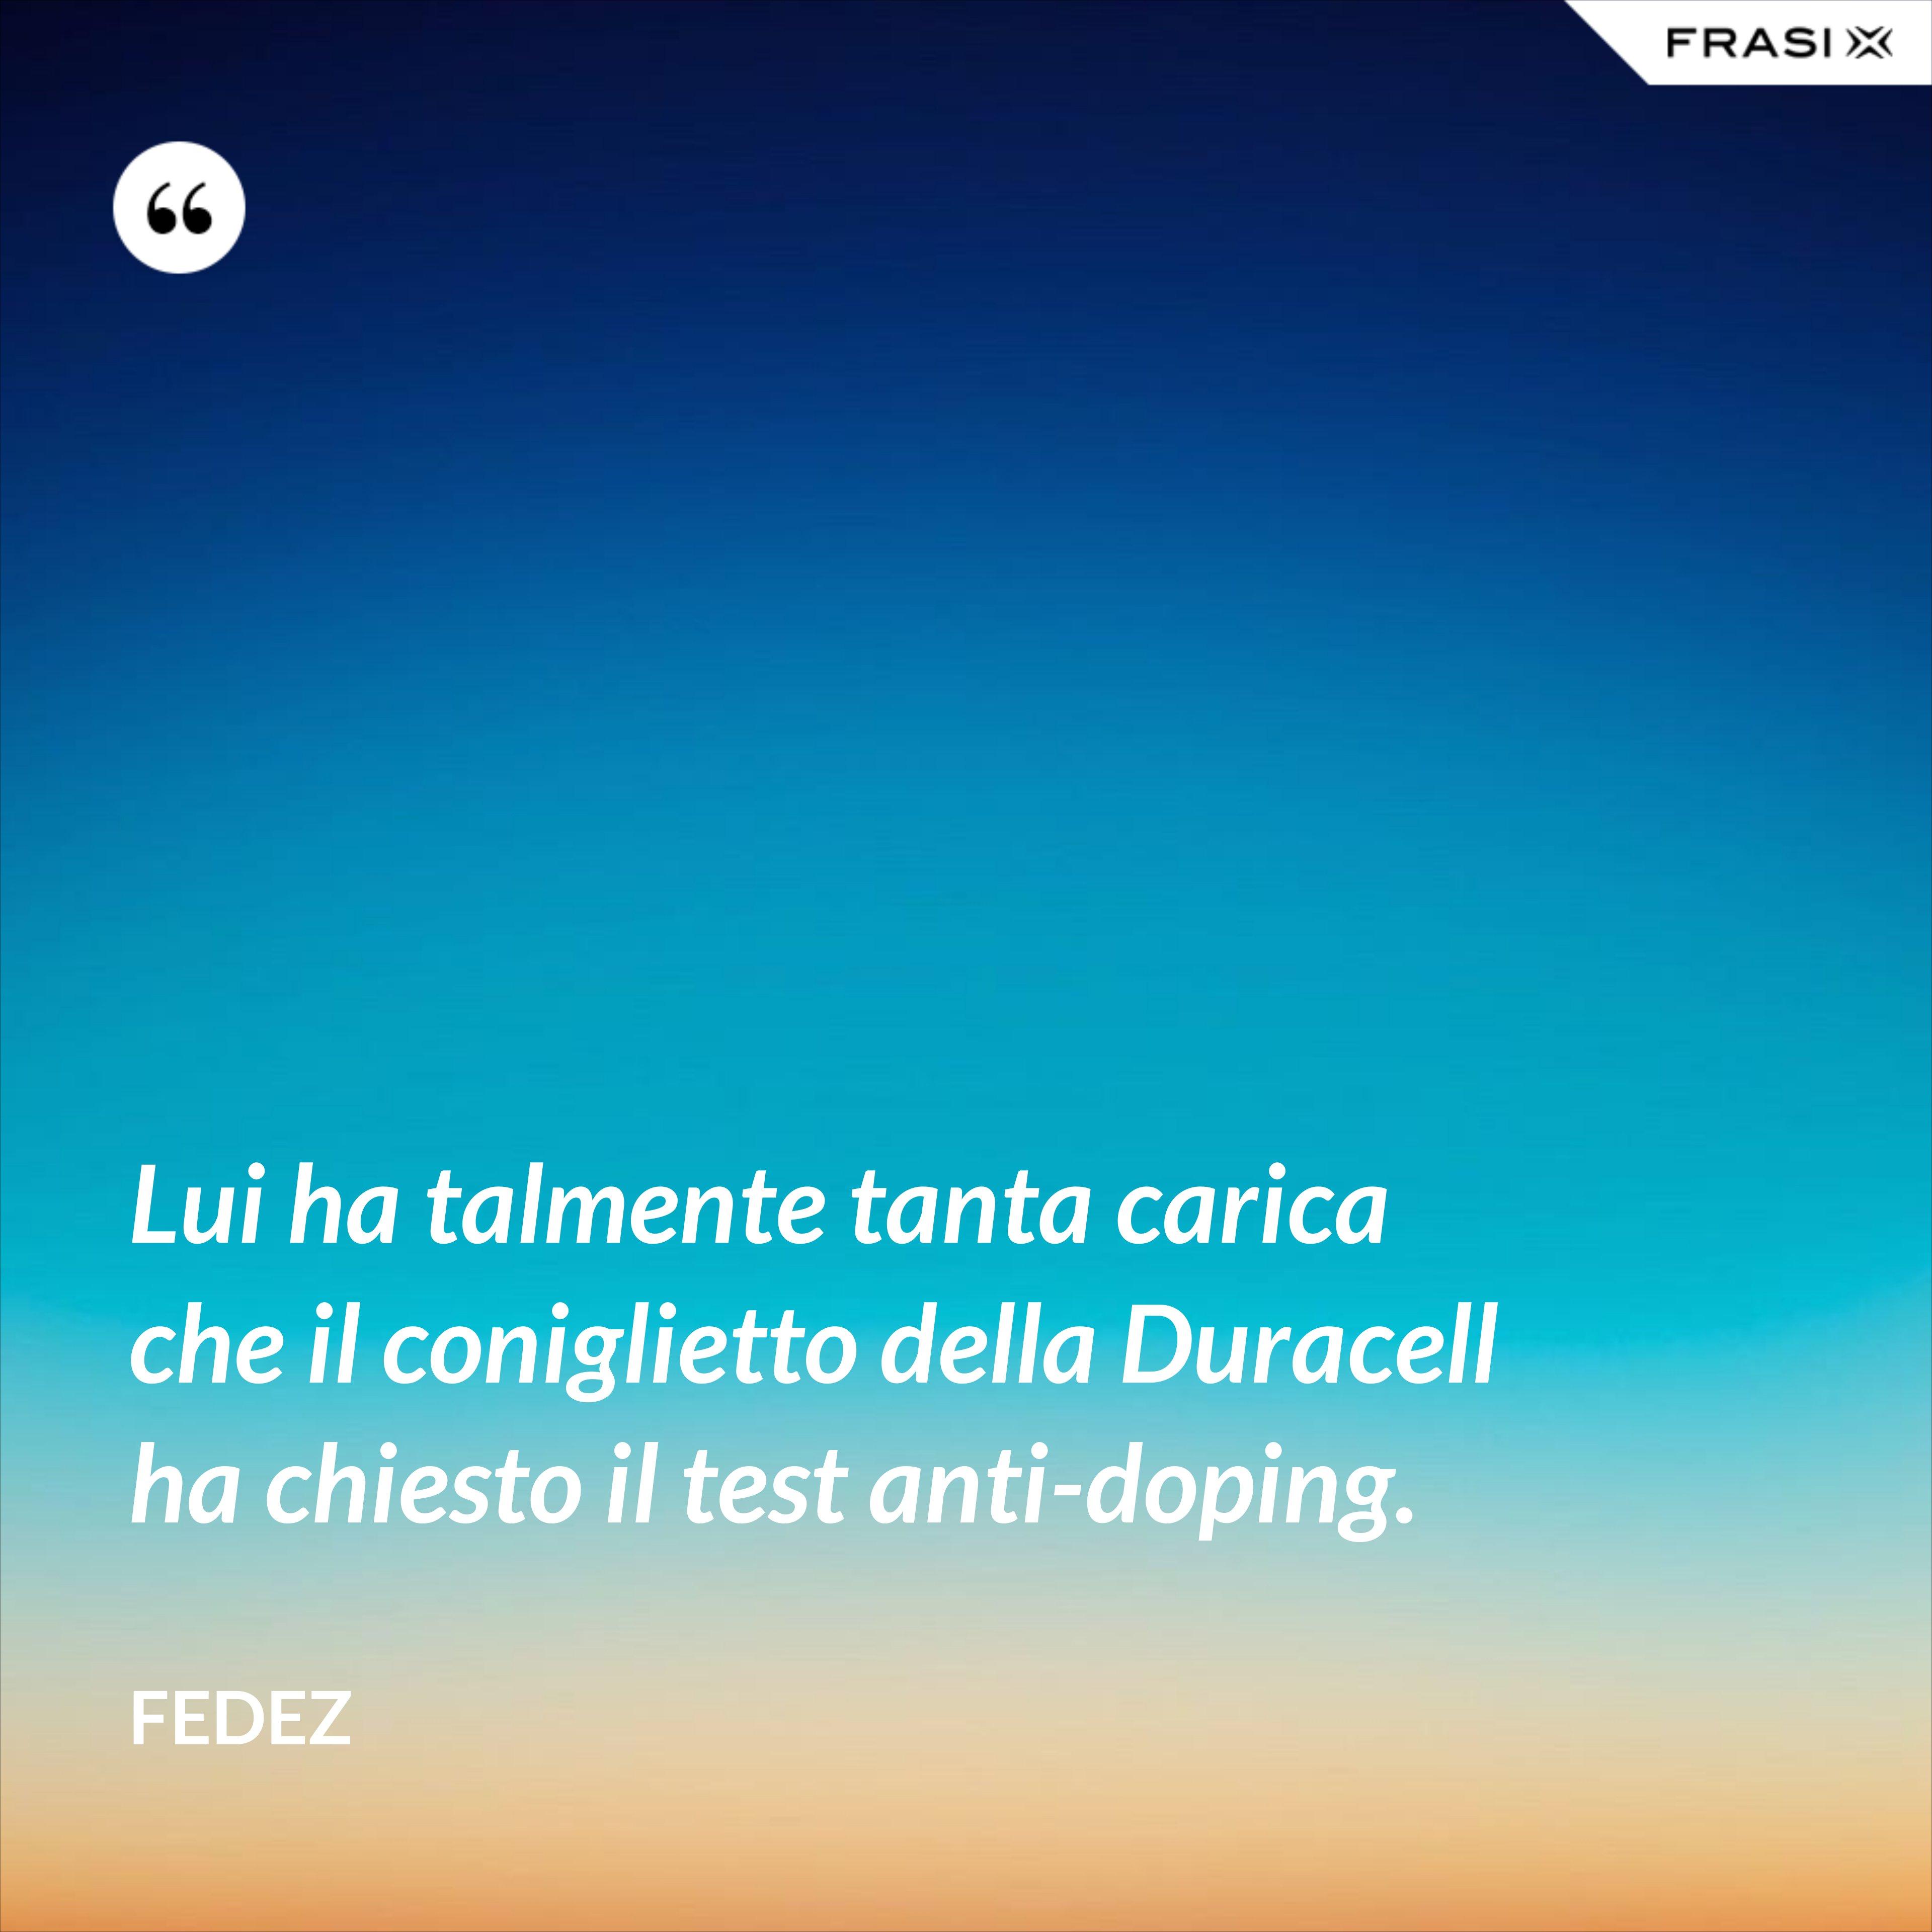 Lui ha talmente tanta carica che il coniglietto della Duracell ha chiesto il test anti-doping. - Fedez